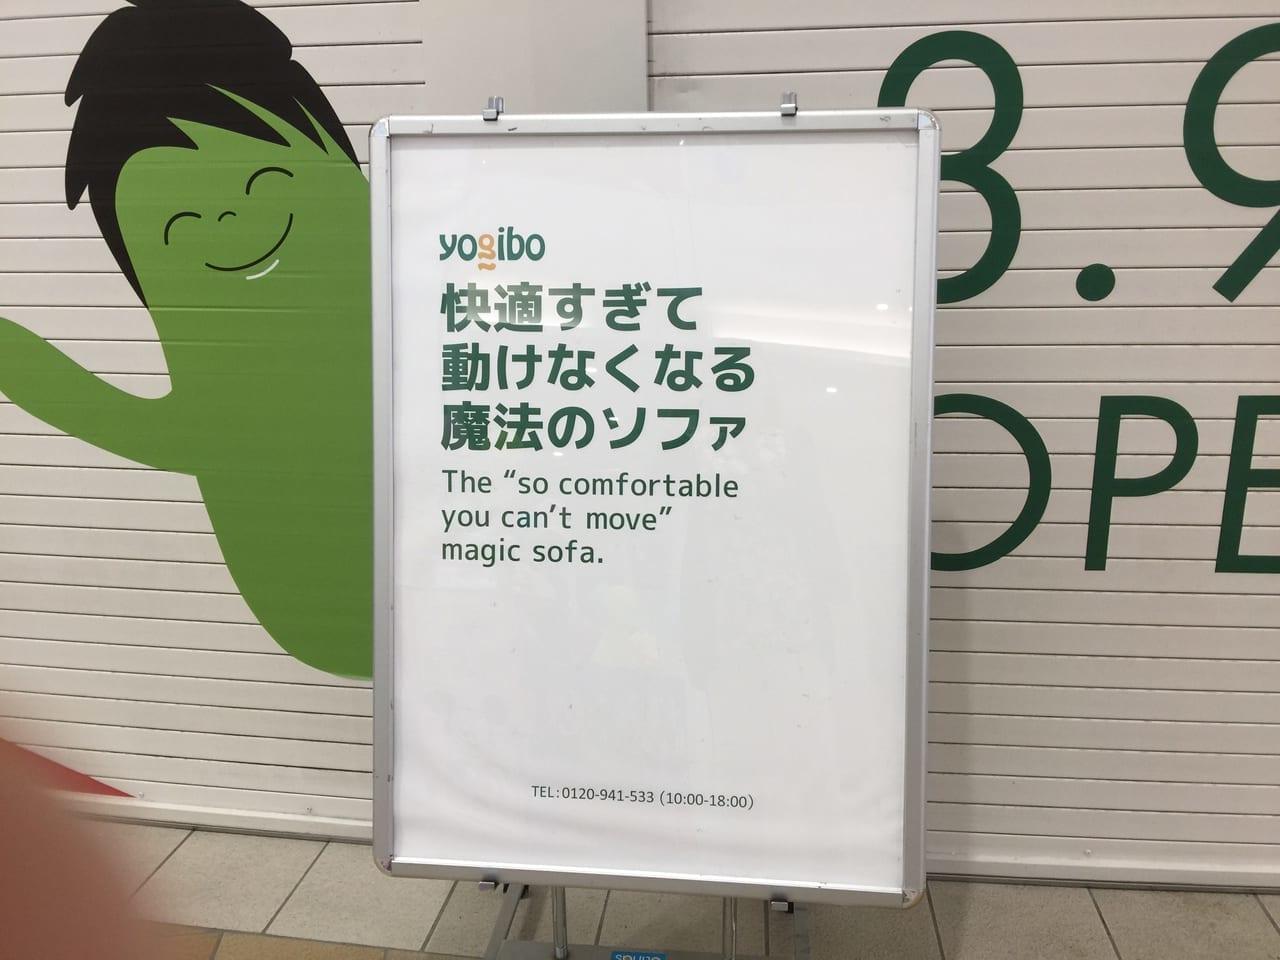 ypgiboのポスター